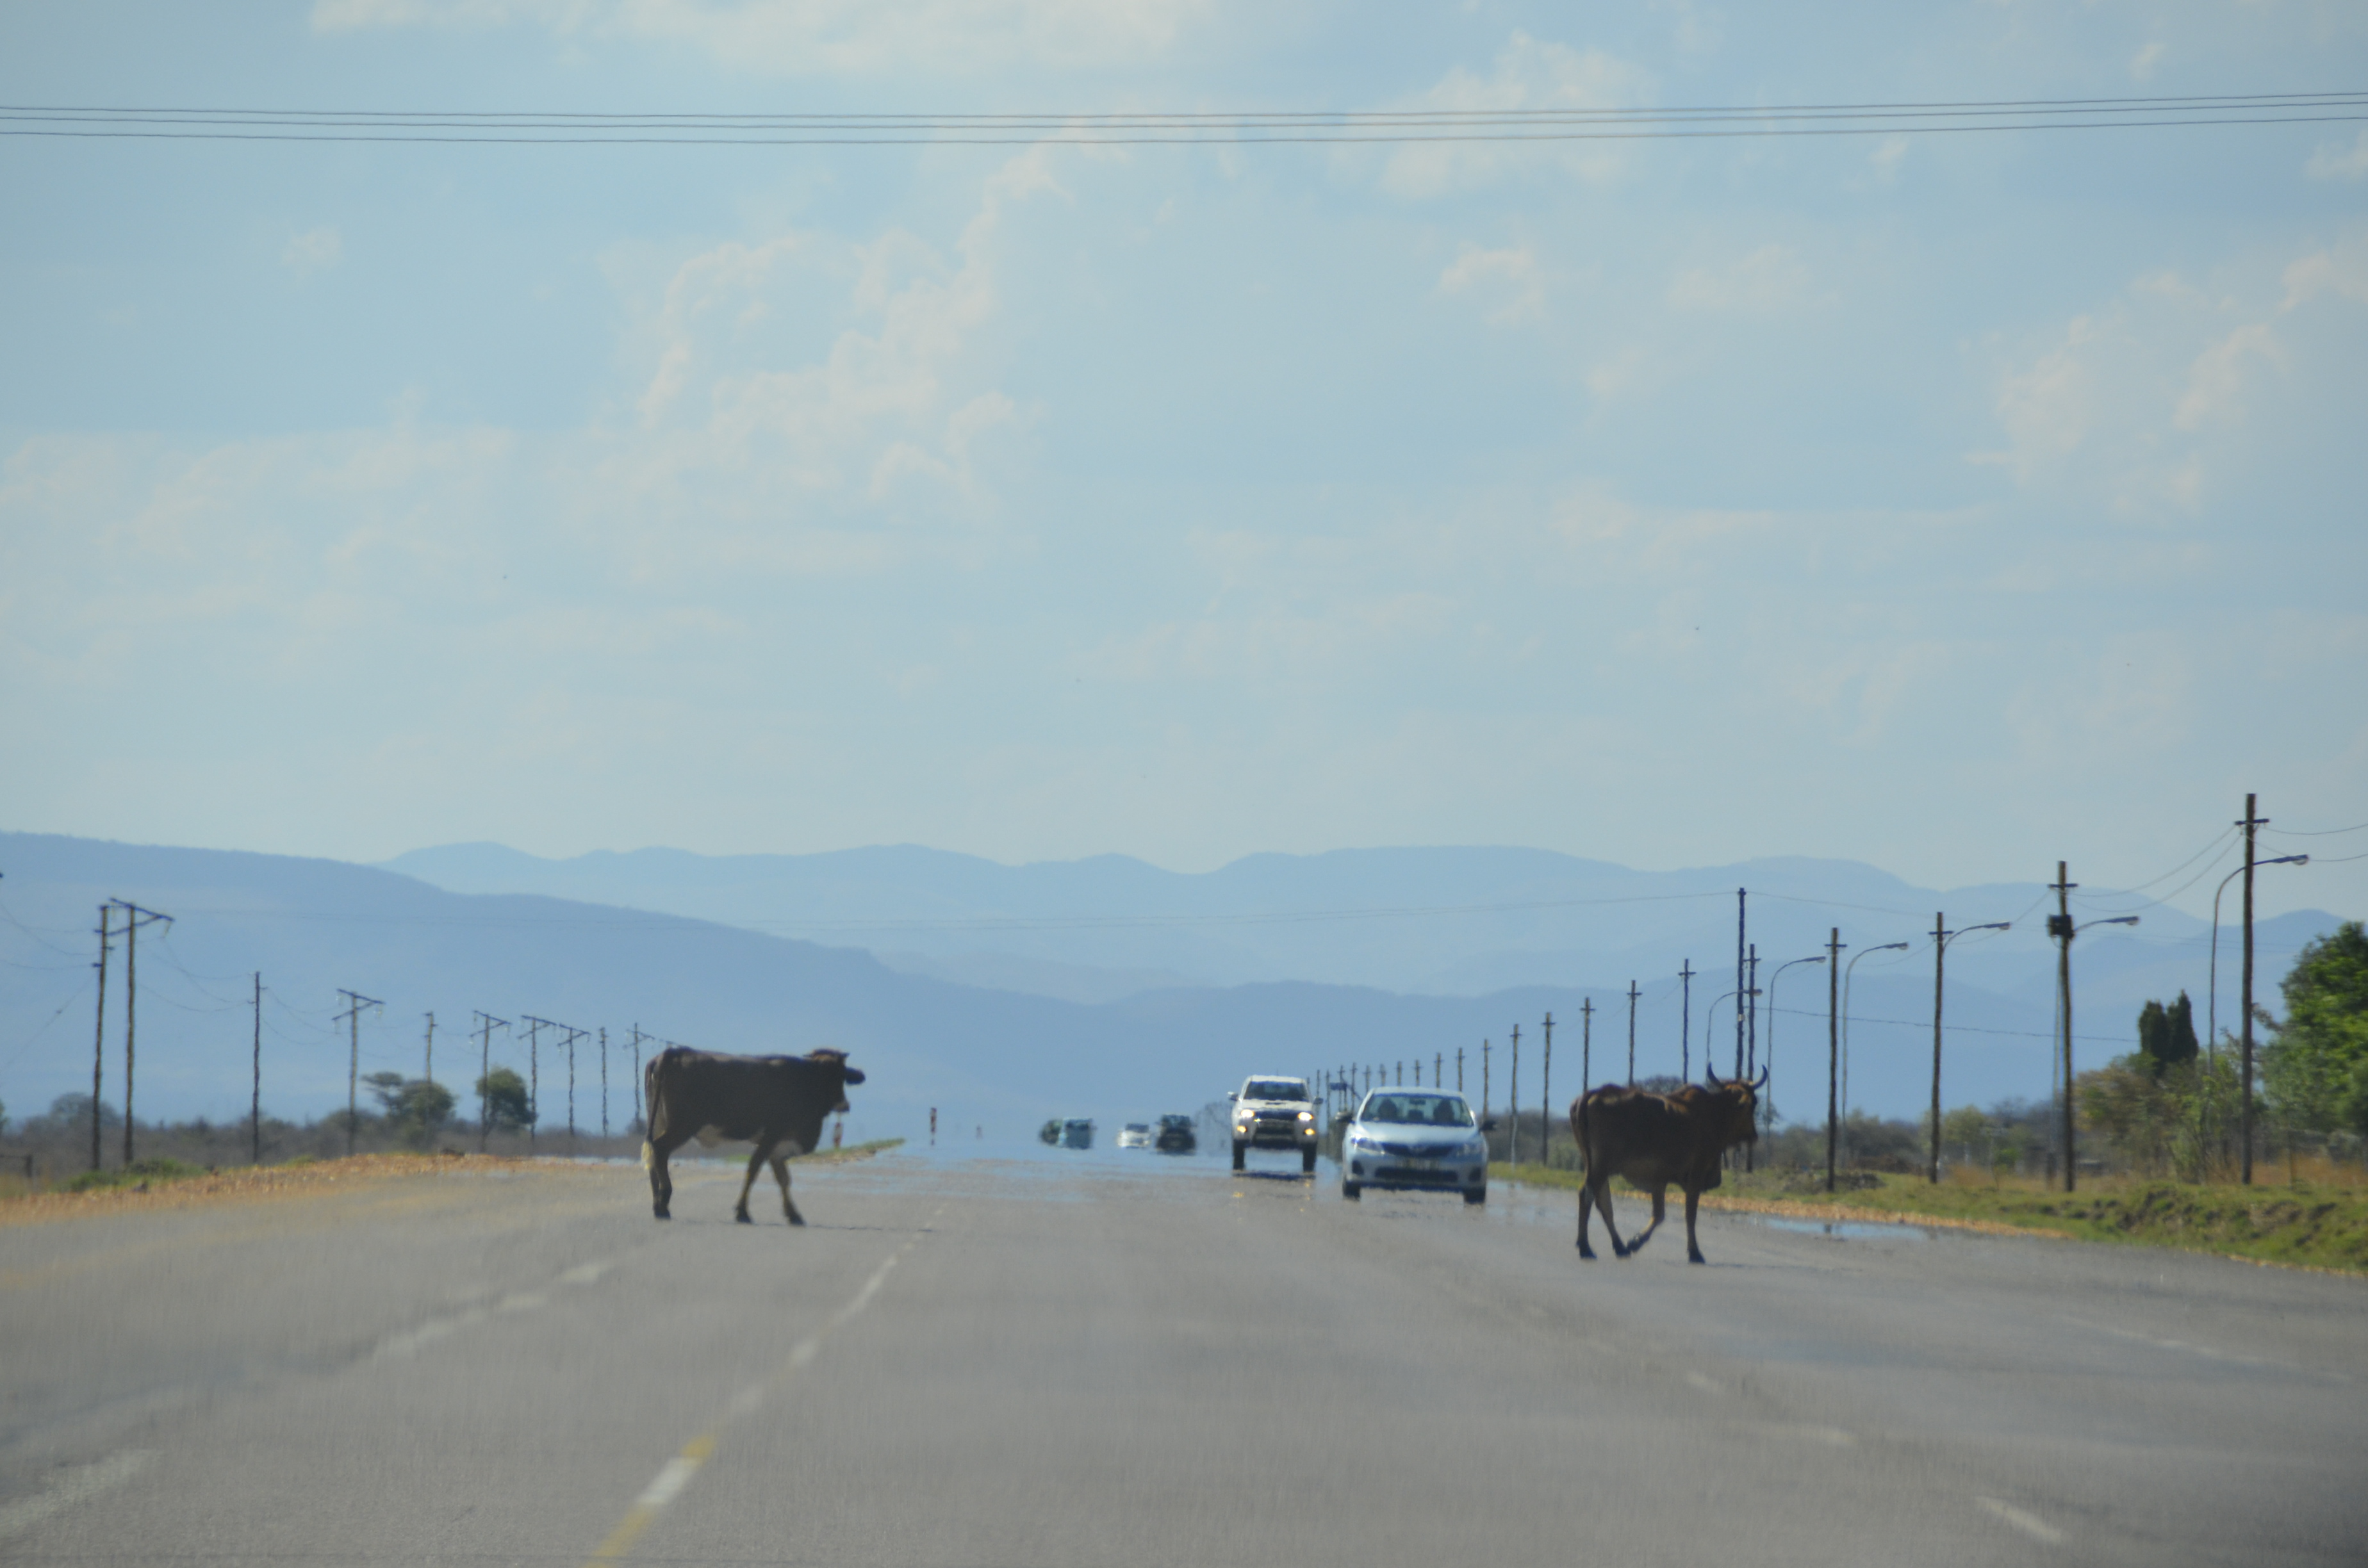 Man måste köra försiktigt här för det finns djur överallt